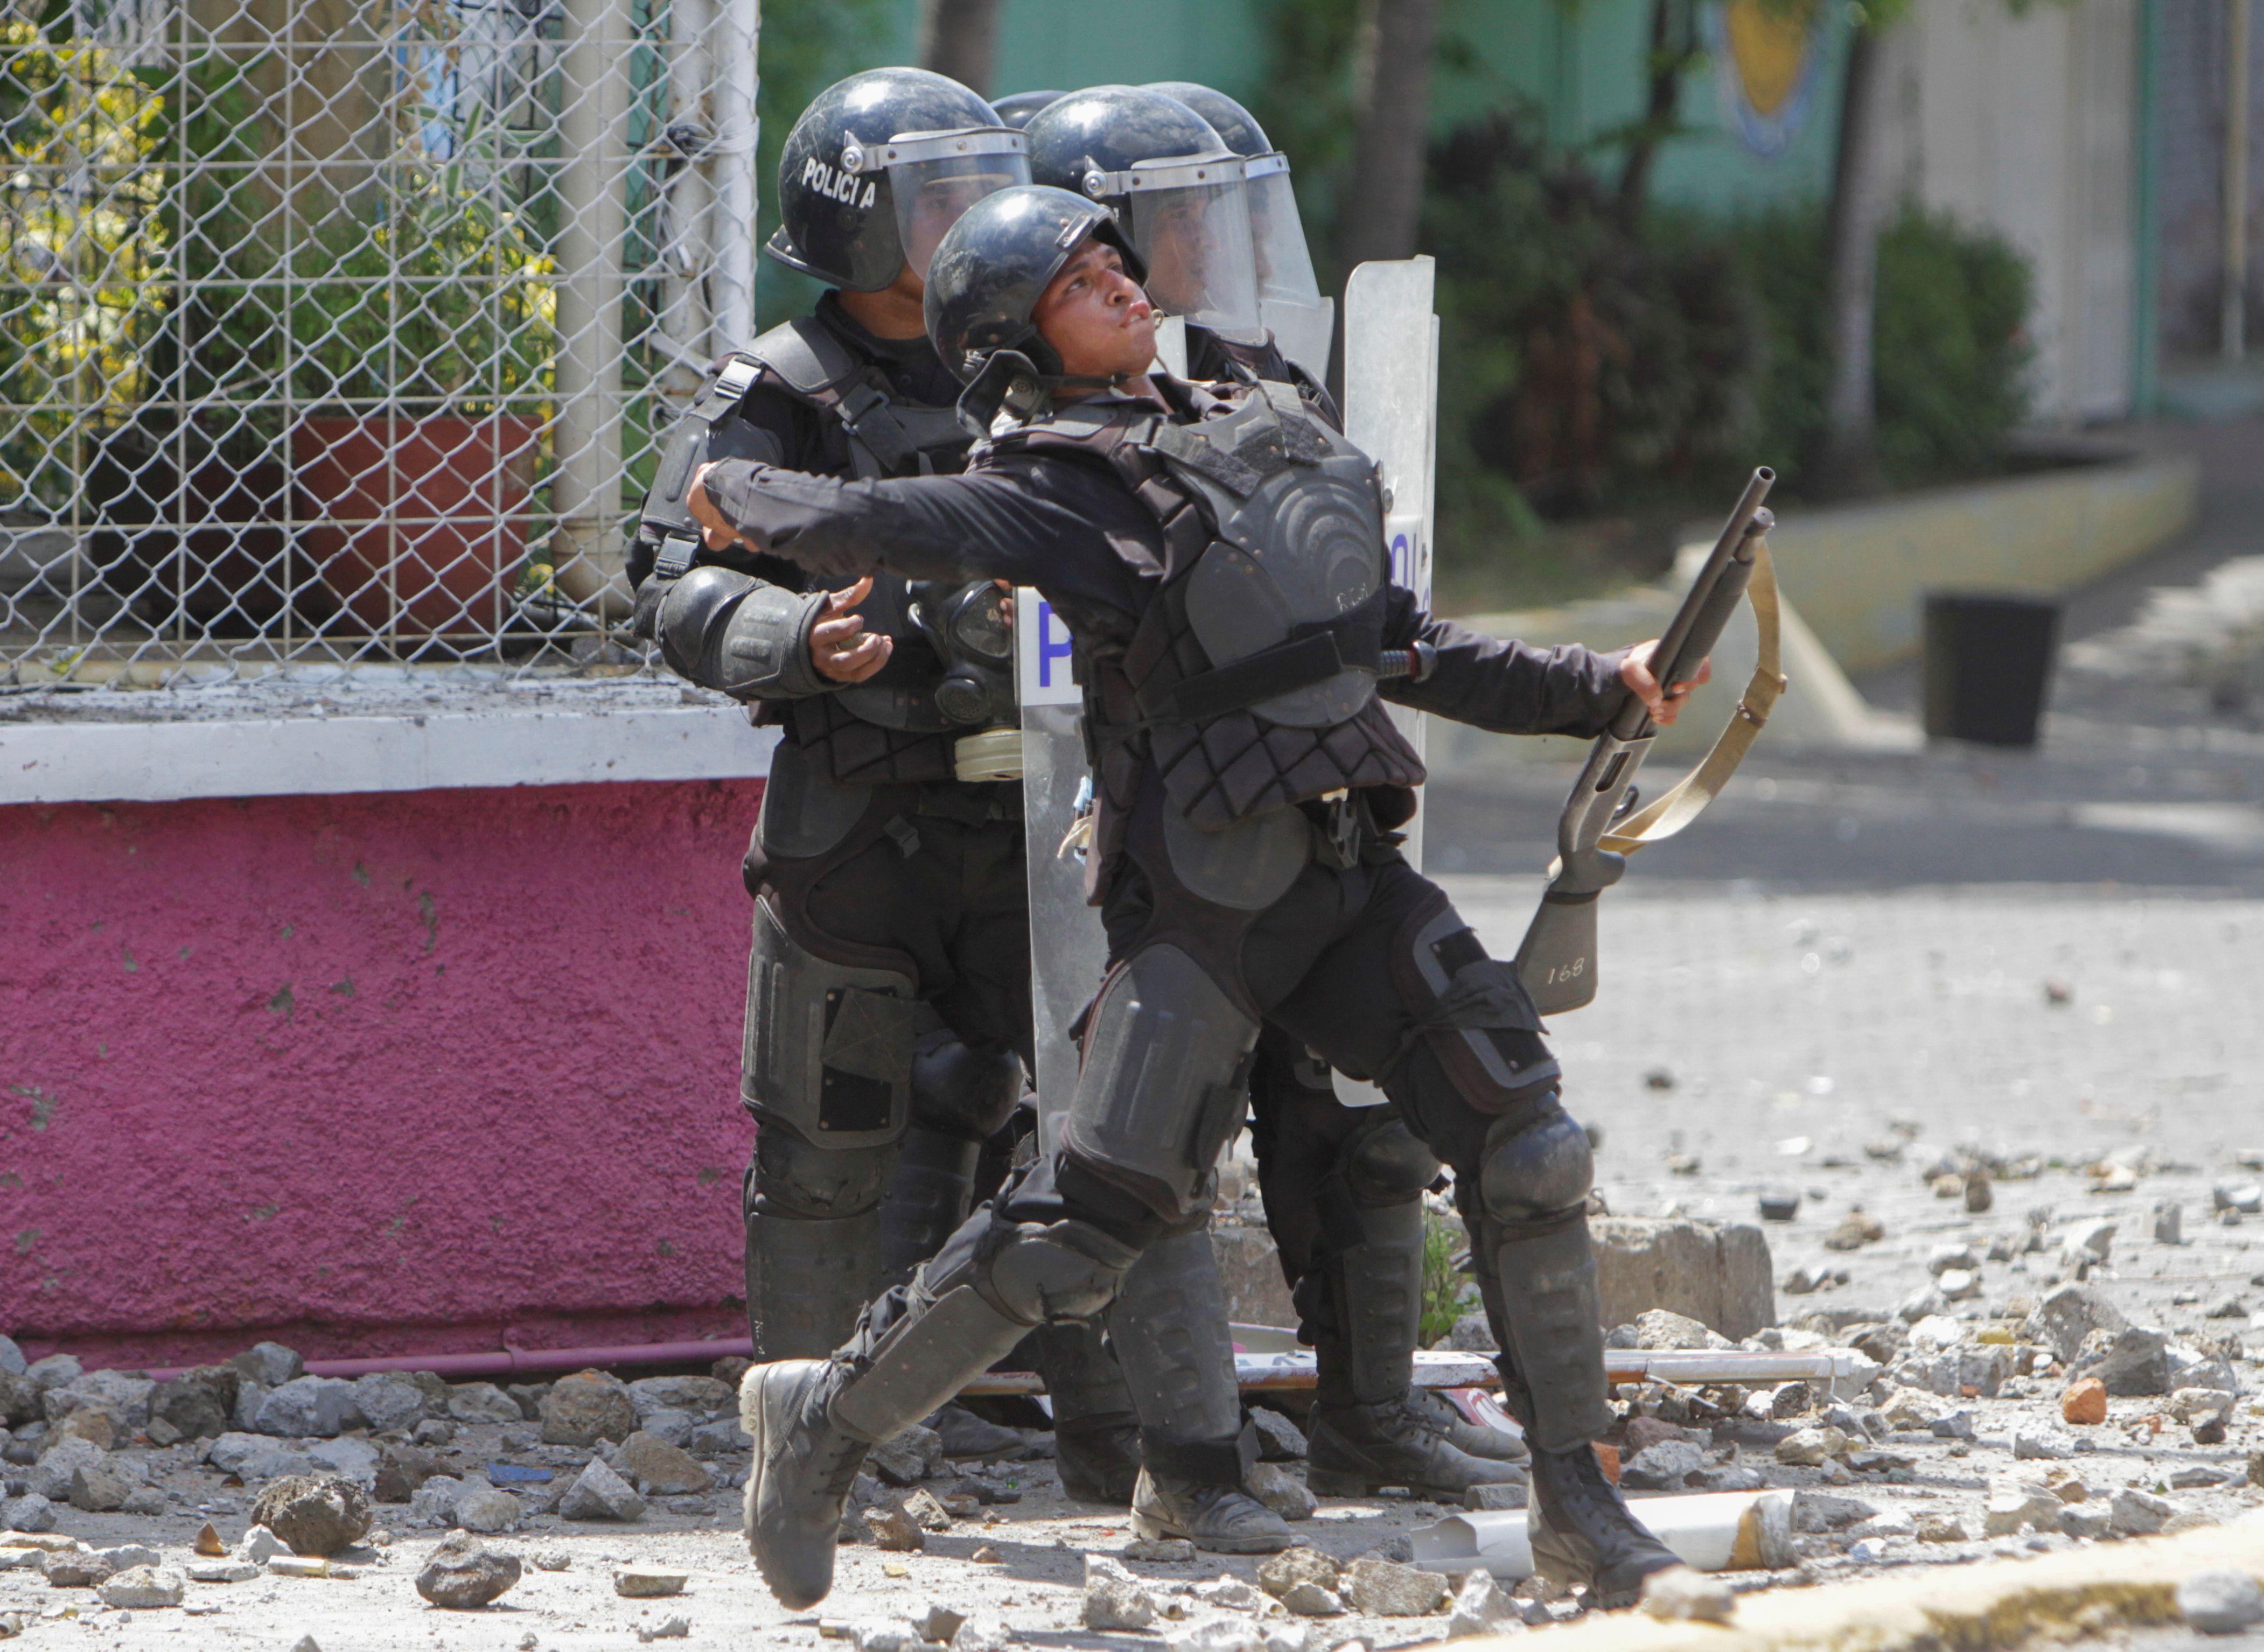 الشرطة تشتبك مع المتظاهرين بالحجارة